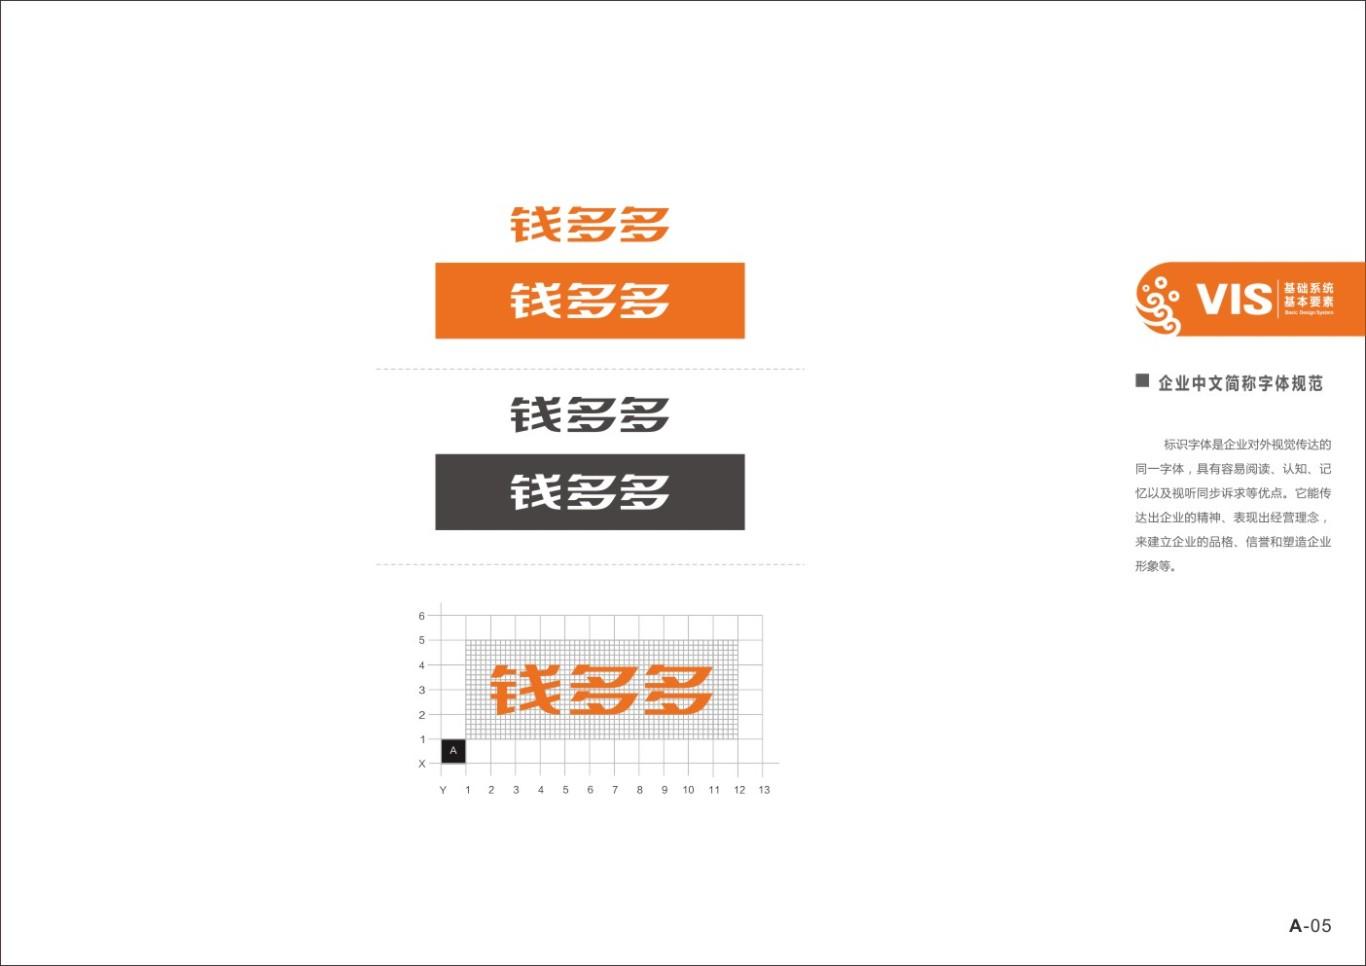 四川广融钱多多品牌及VI形象设计图6